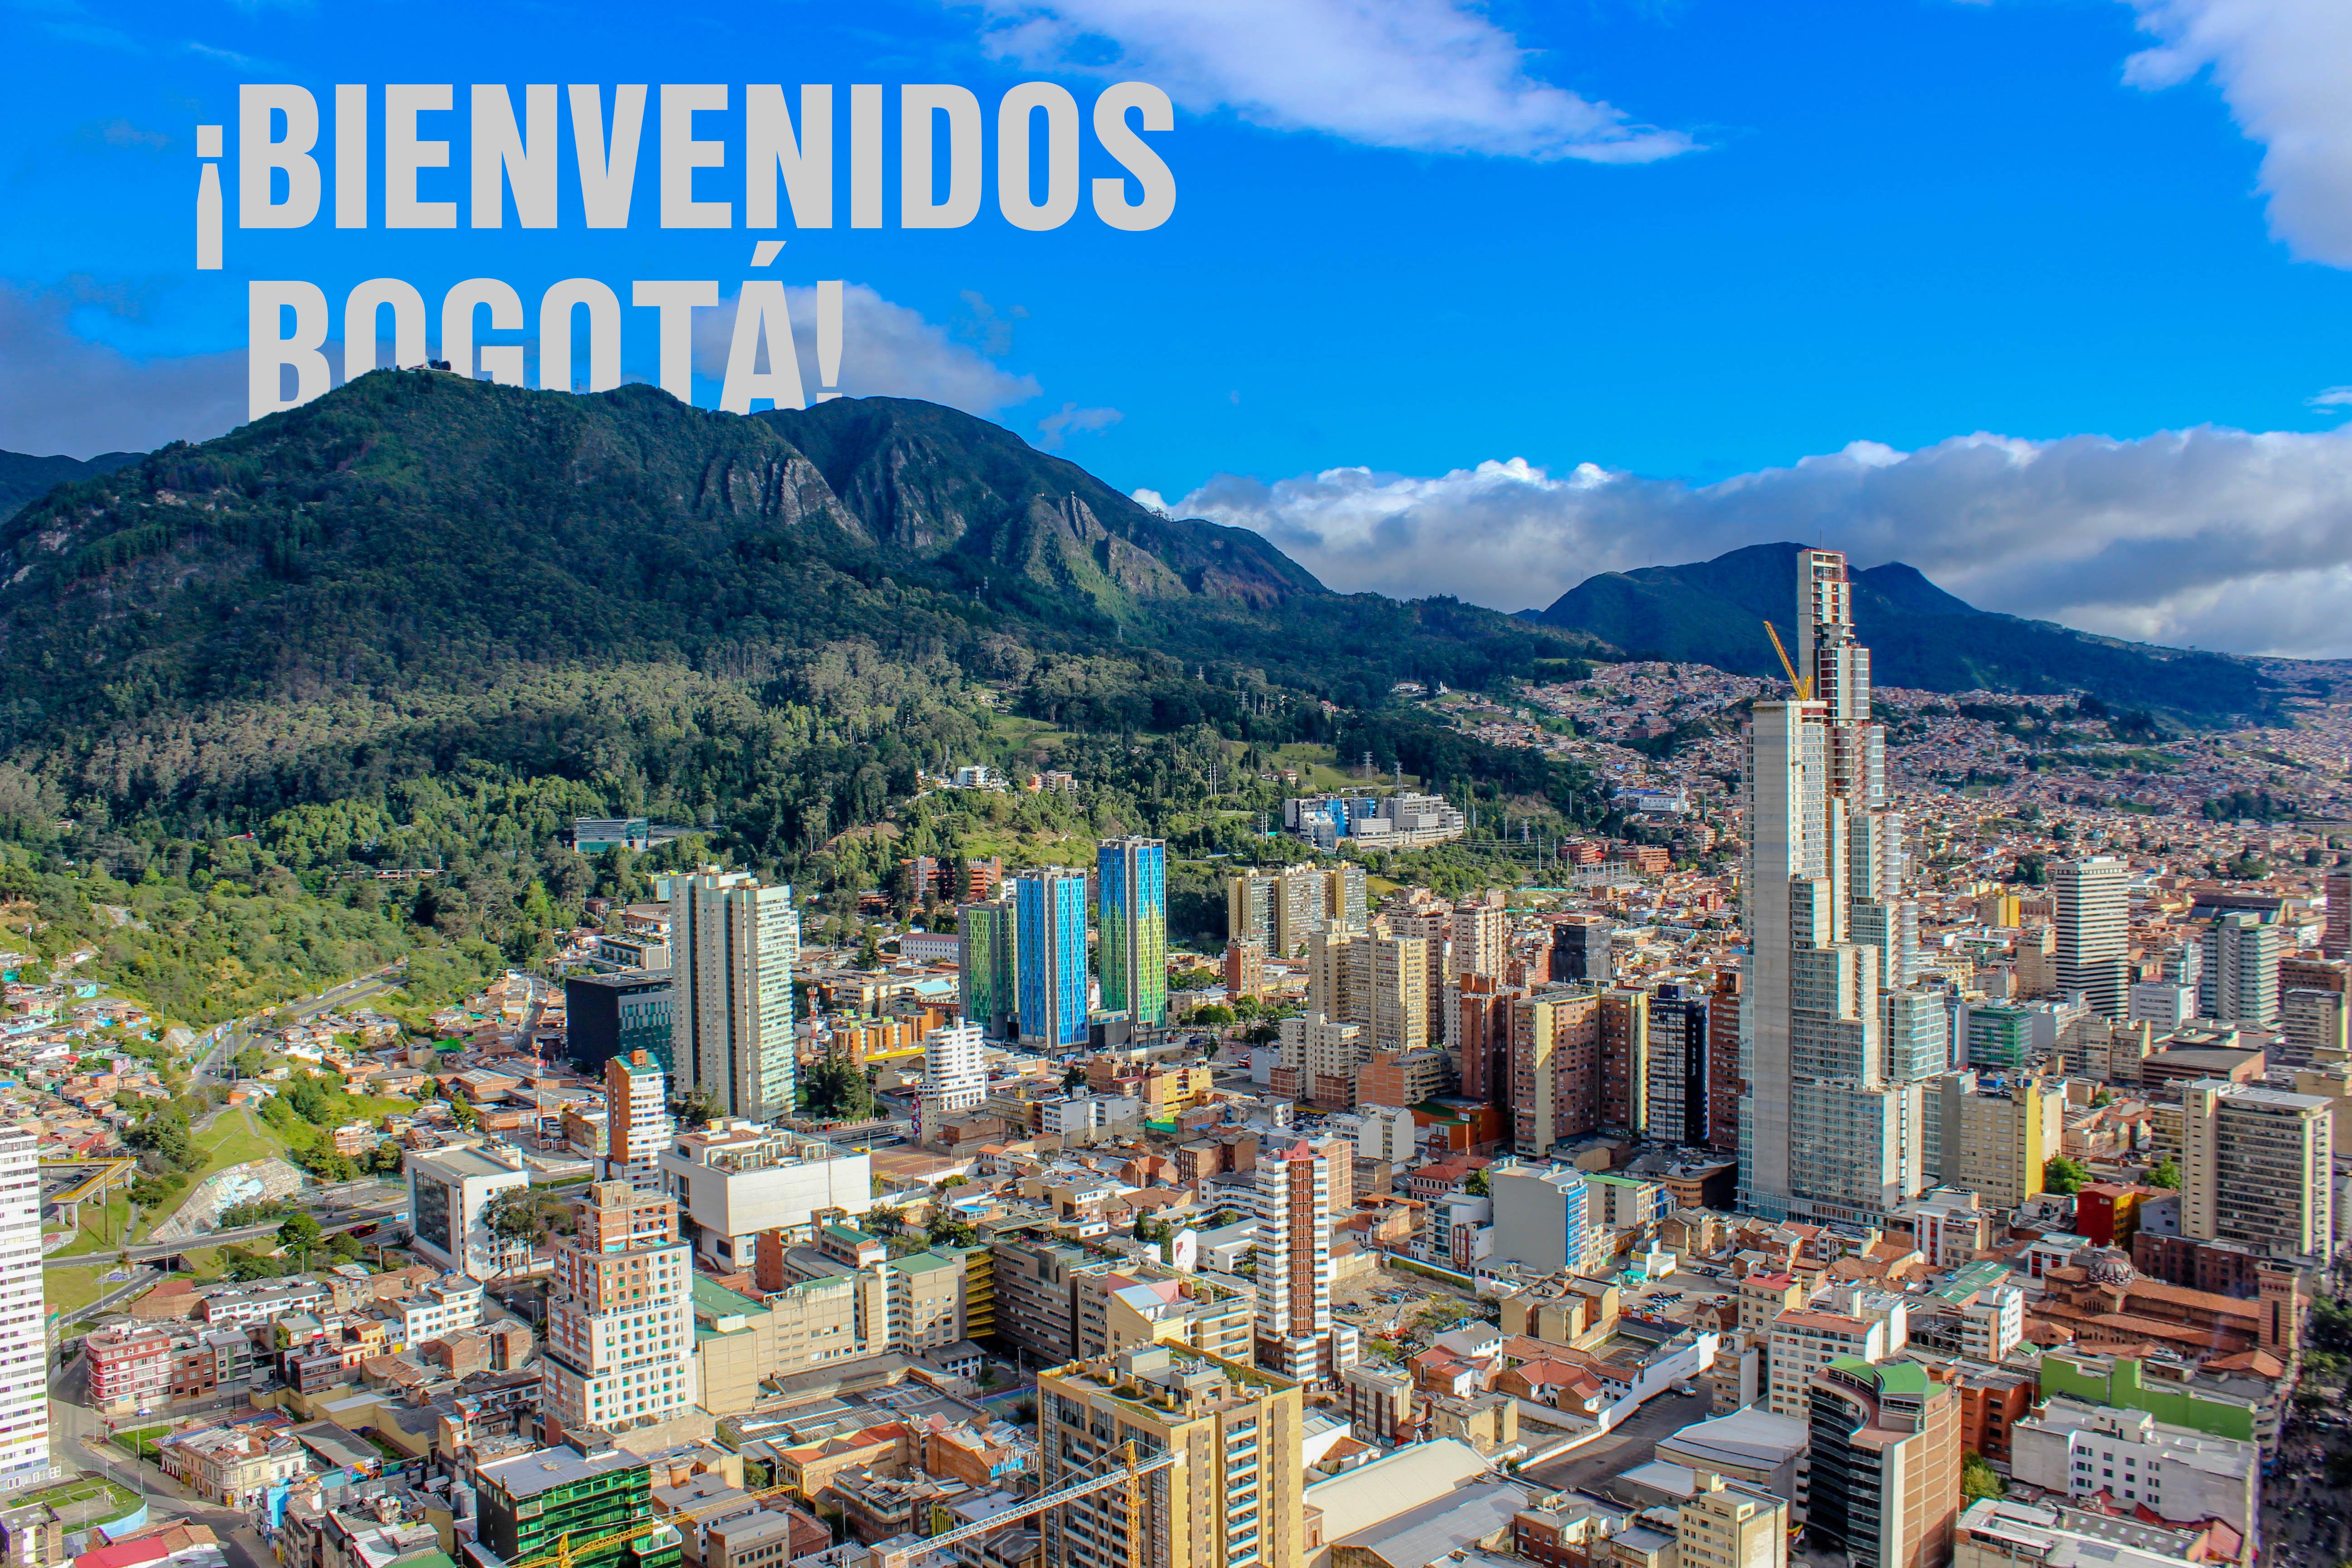 ¡Bienvenidos Bogotá!